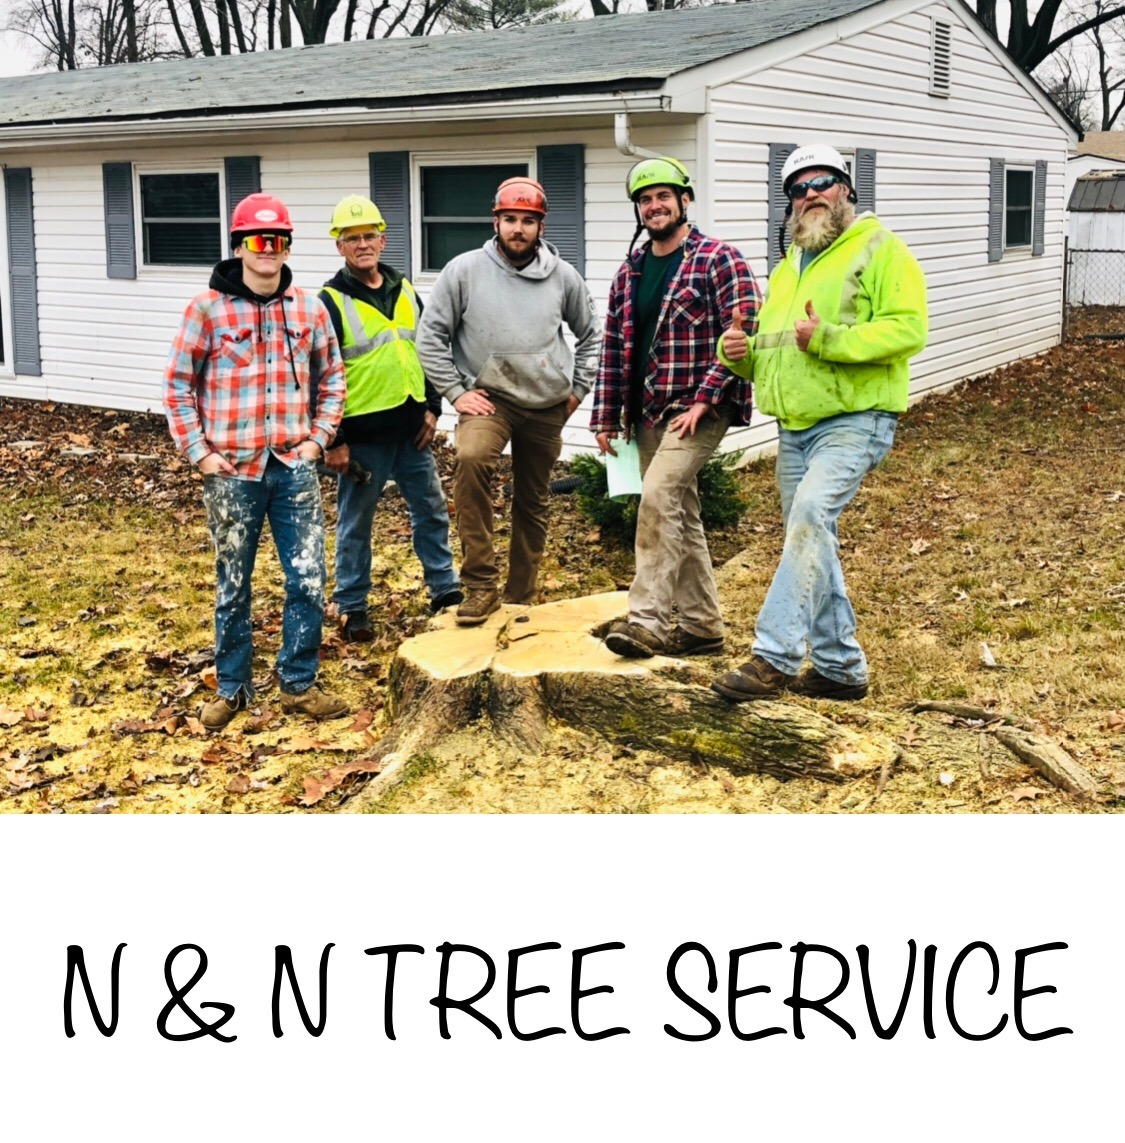 N & N Tree Service